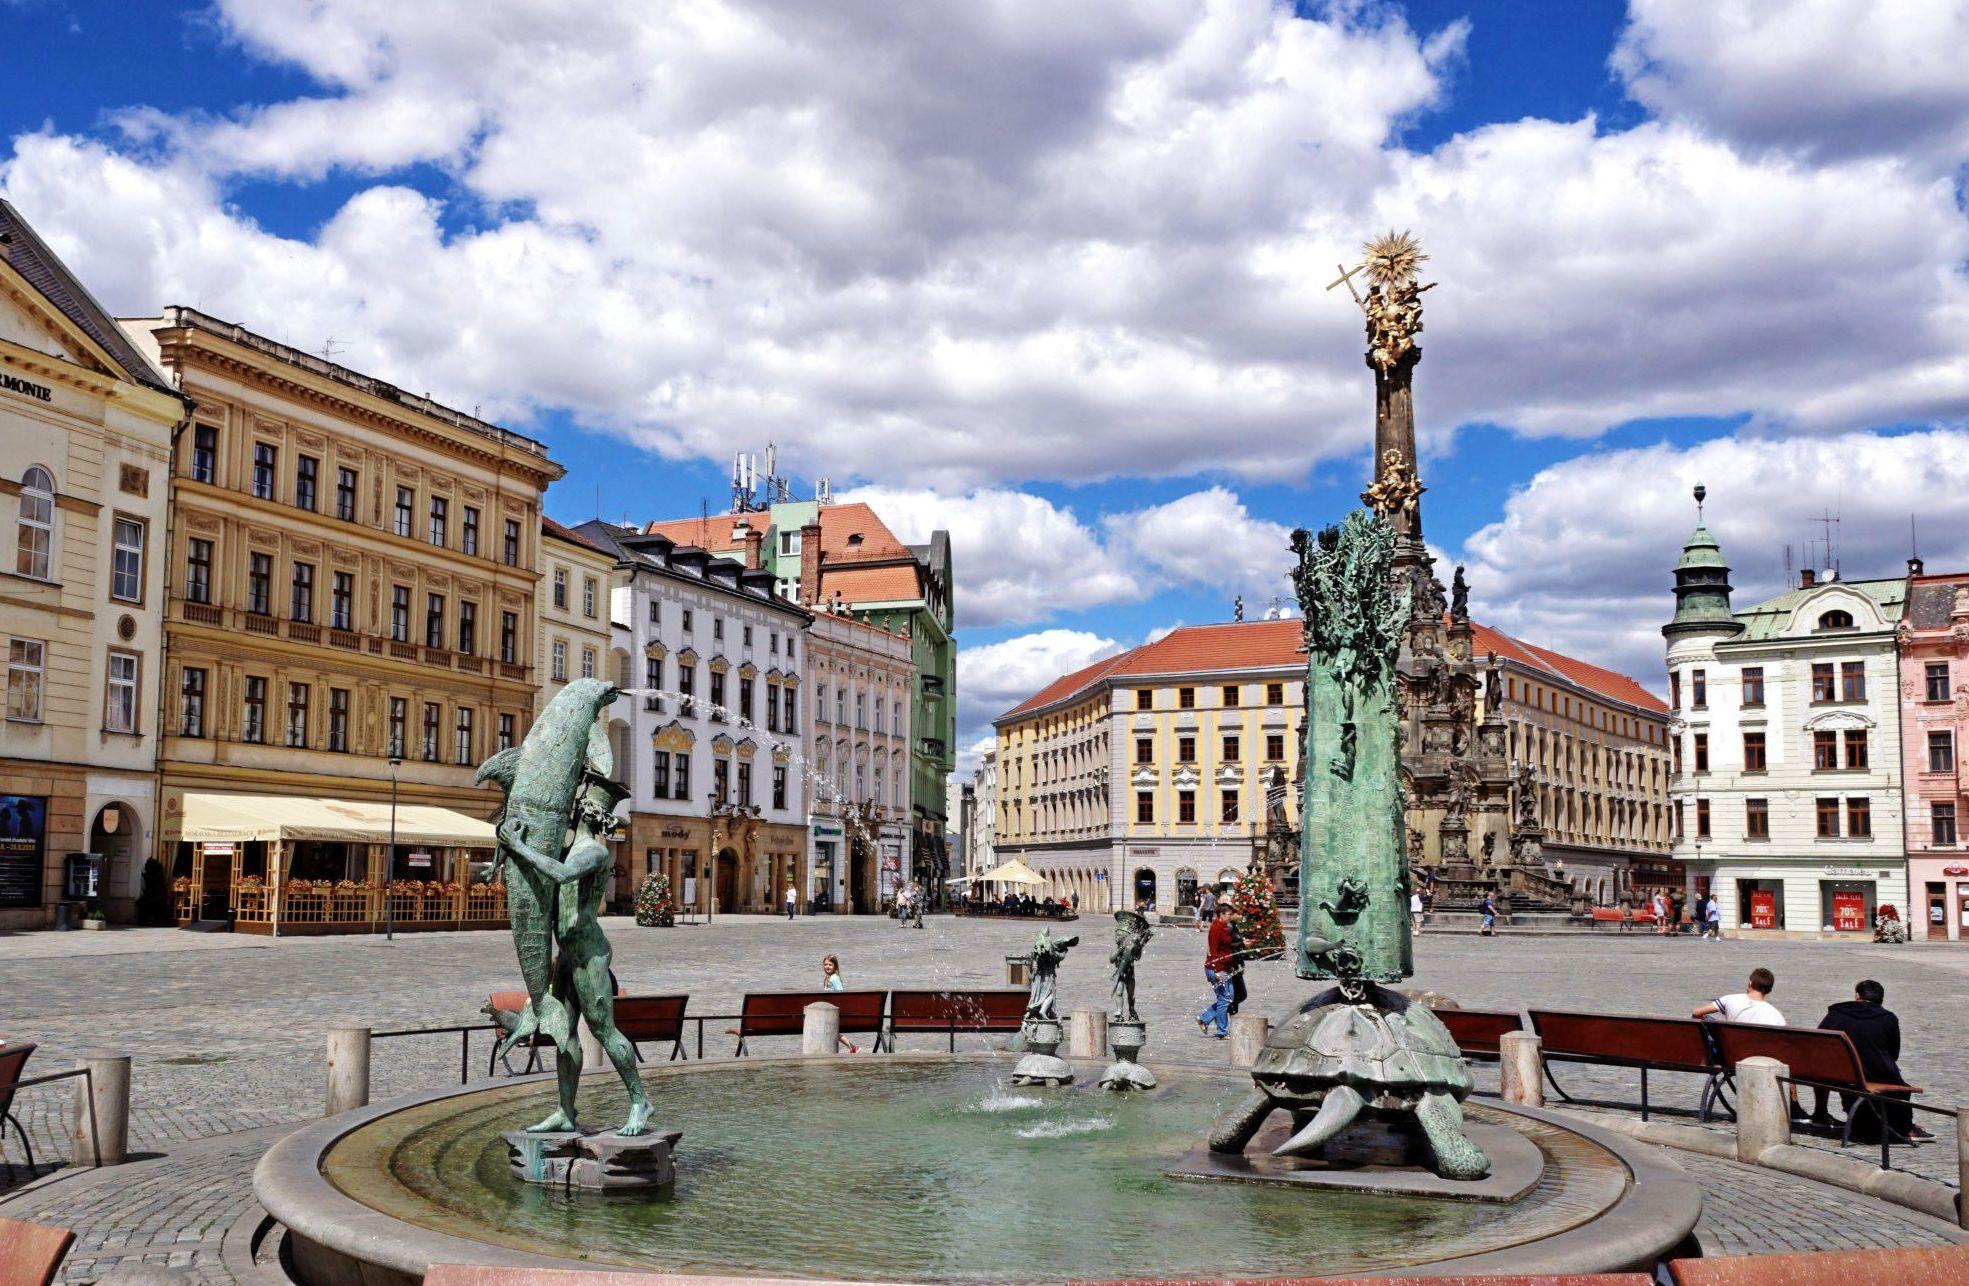 Jedna z fontann, z których Olomuniec słynie